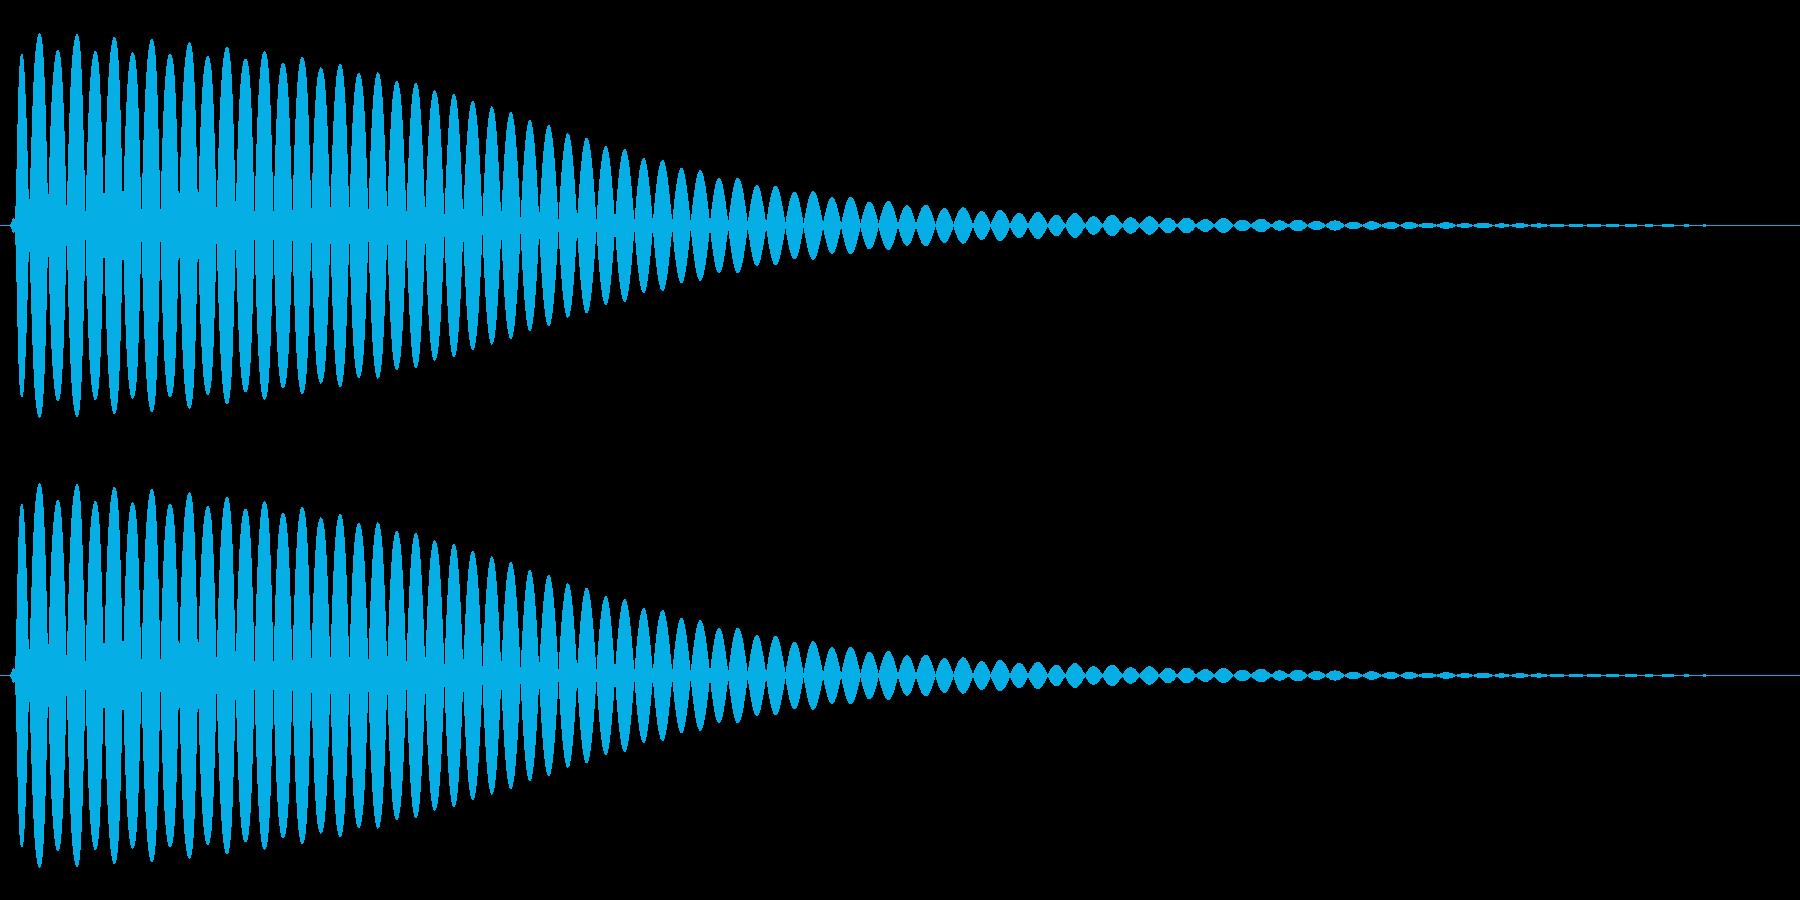 Com ファミコンなどのコマンド音 1の再生済みの波形